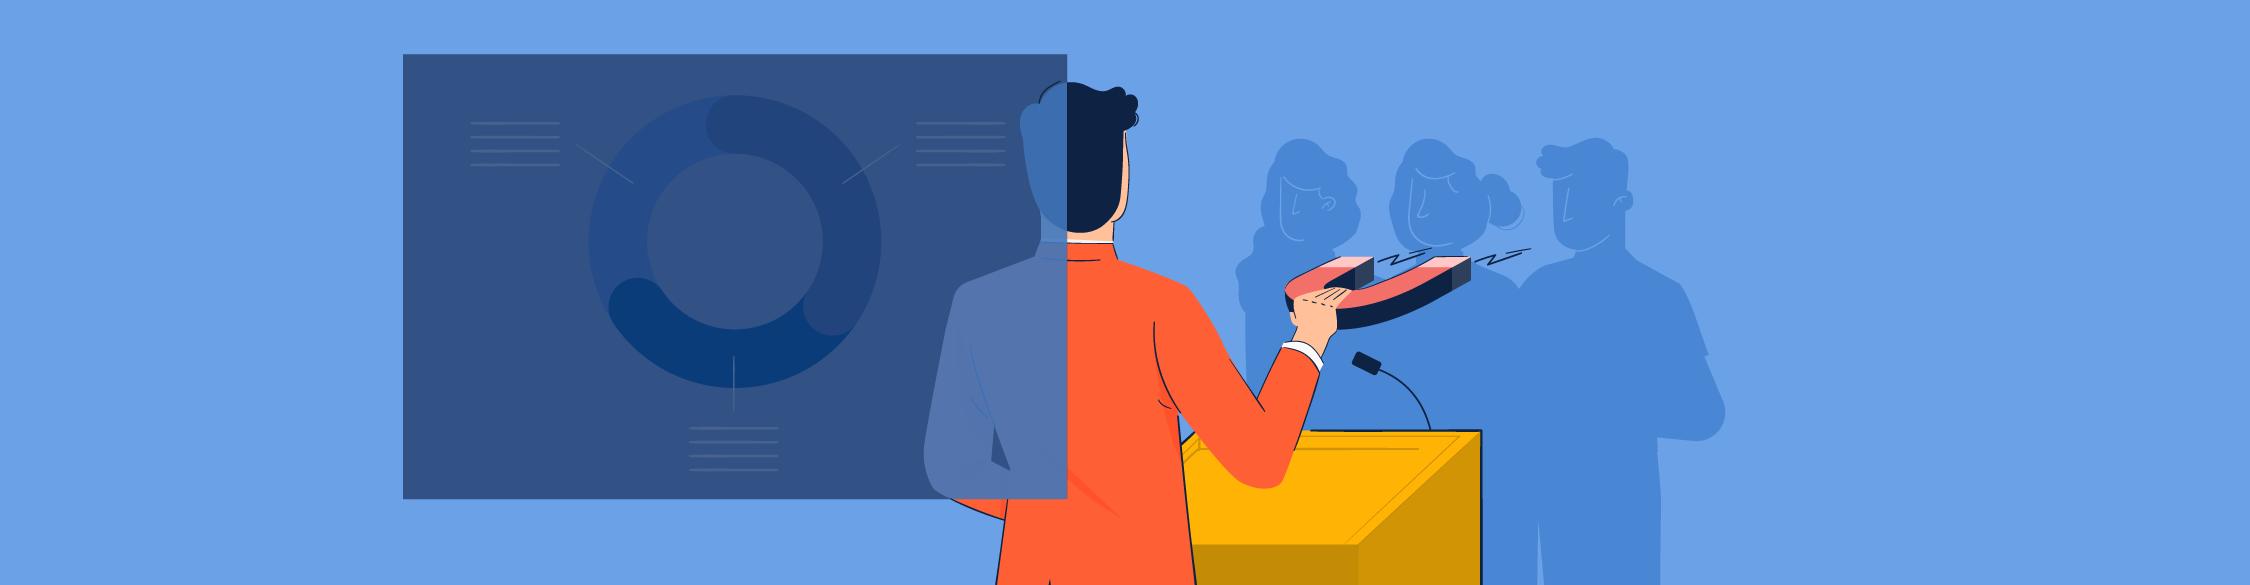 powerpoint presentation - header